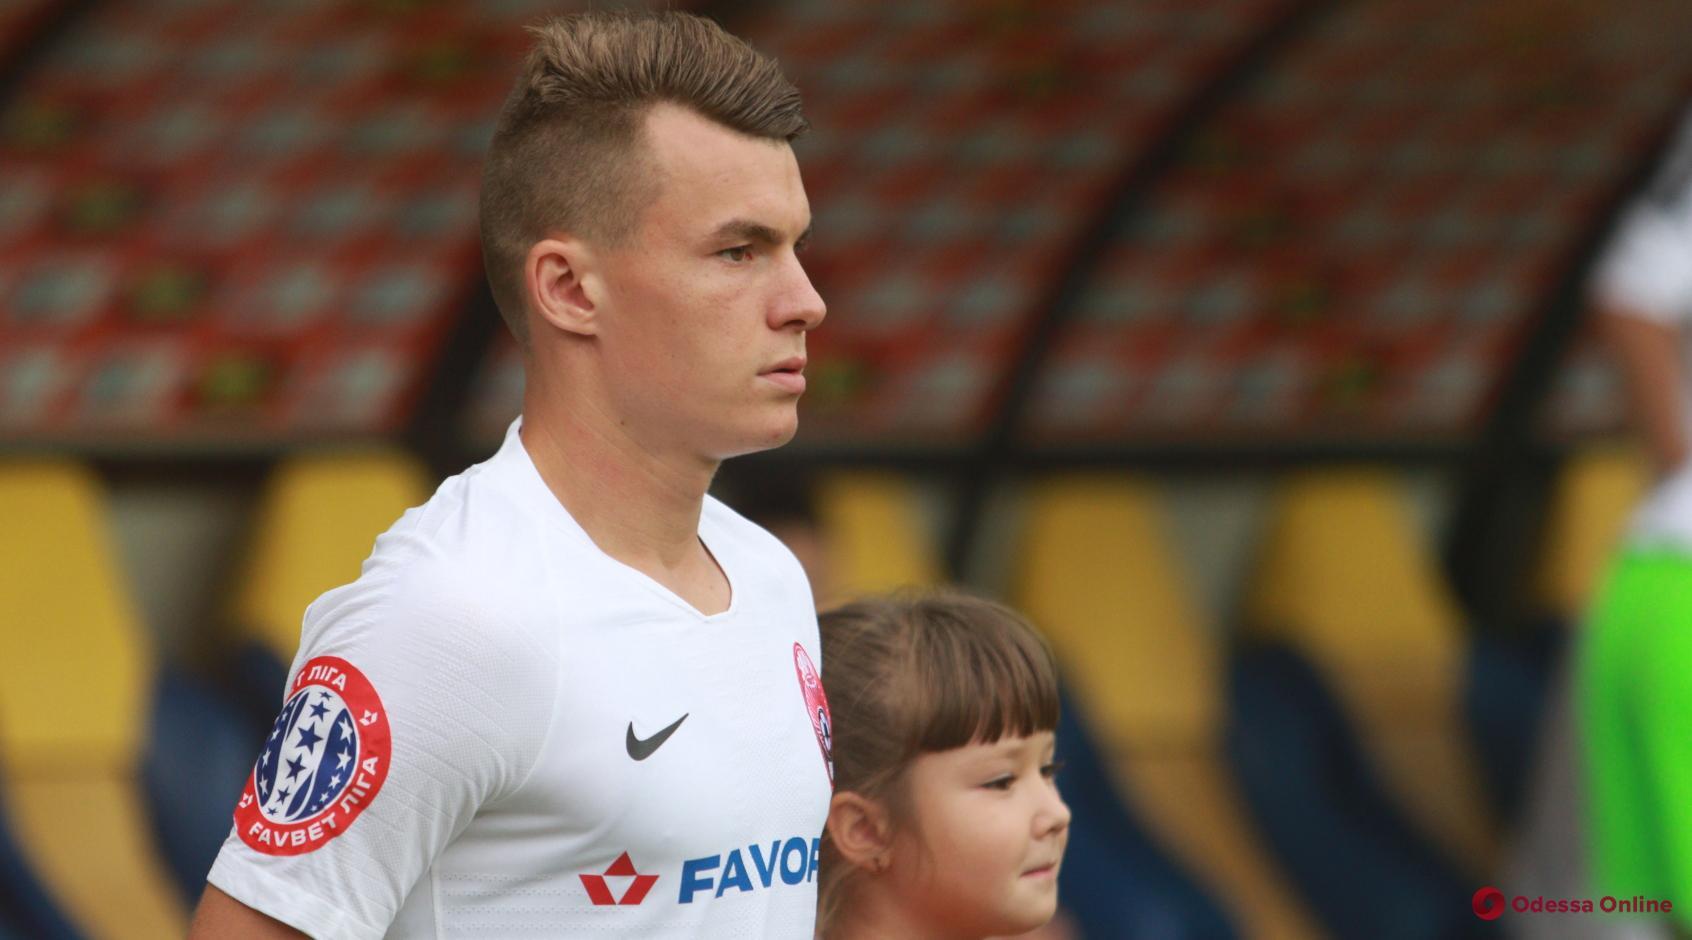 Уникальный случай: одесский футболист сыграл во всех матчах Премьер-лиги-2019/20